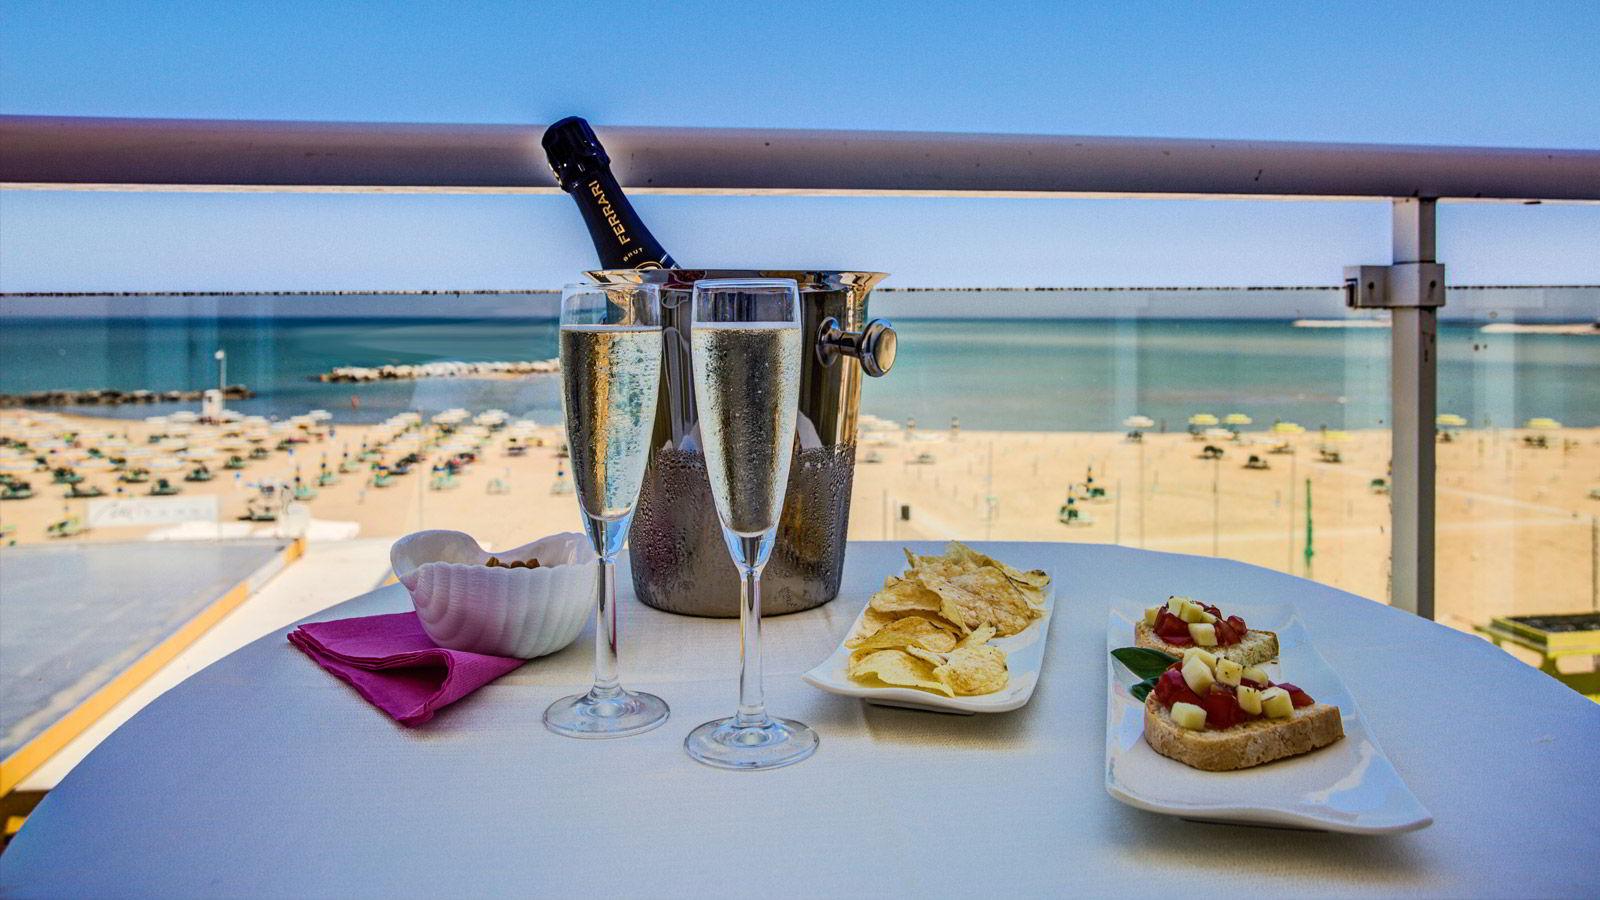 Vacanze All Inclusive Rimini Hotel Pensione Completa A